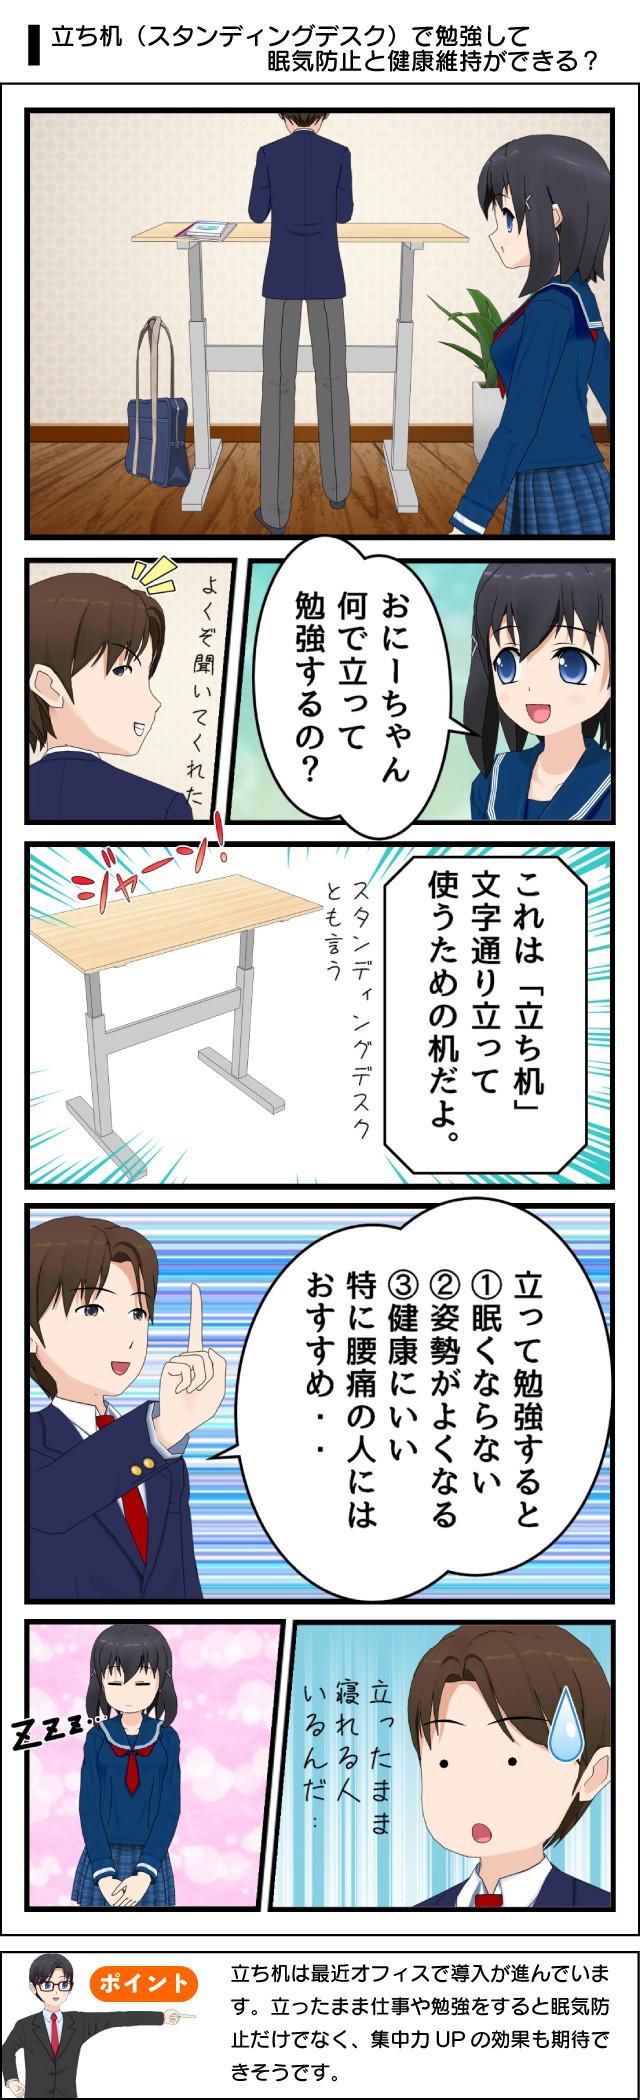 スタンディングデスク(立ち机)で勉強中の眠気防止と集中力UP